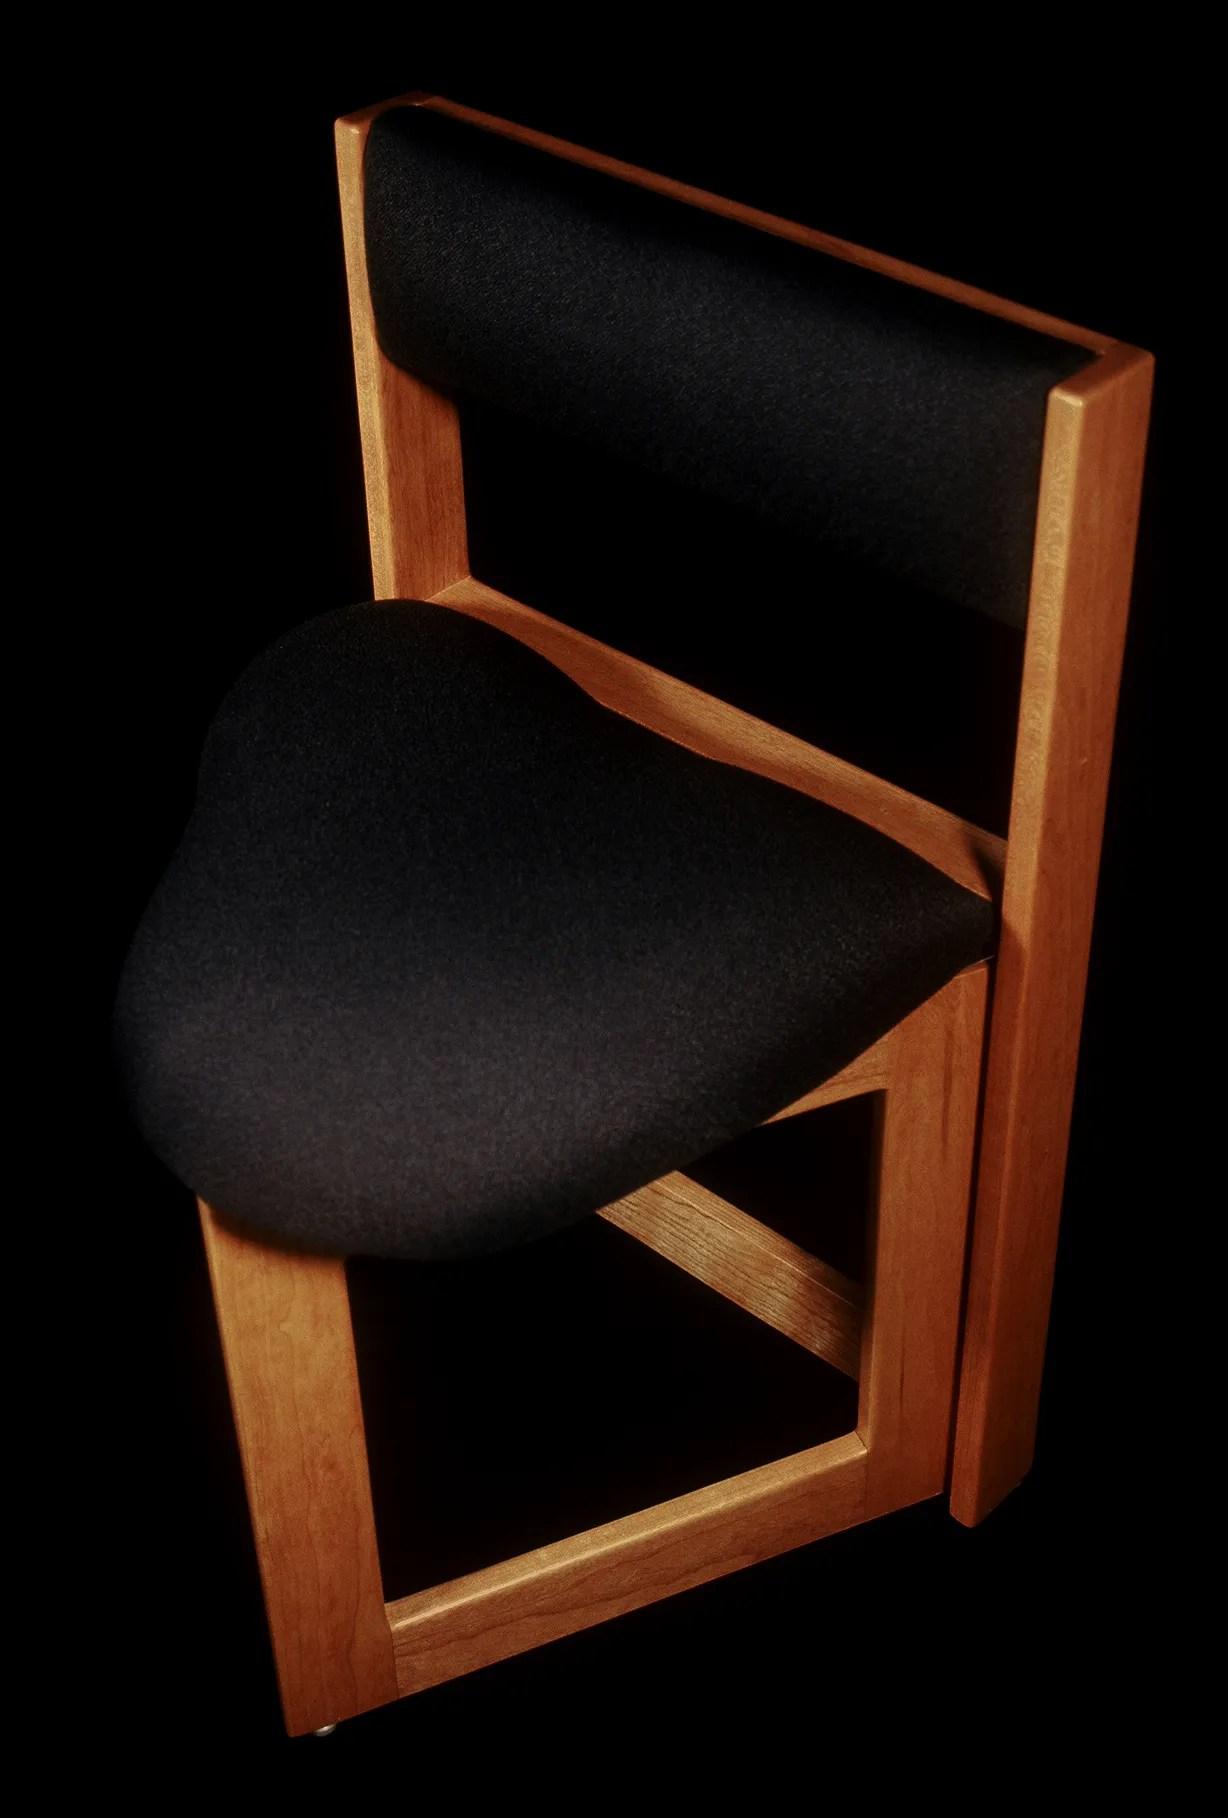 Win The Original Guitar Chair – Acoustic Guitar